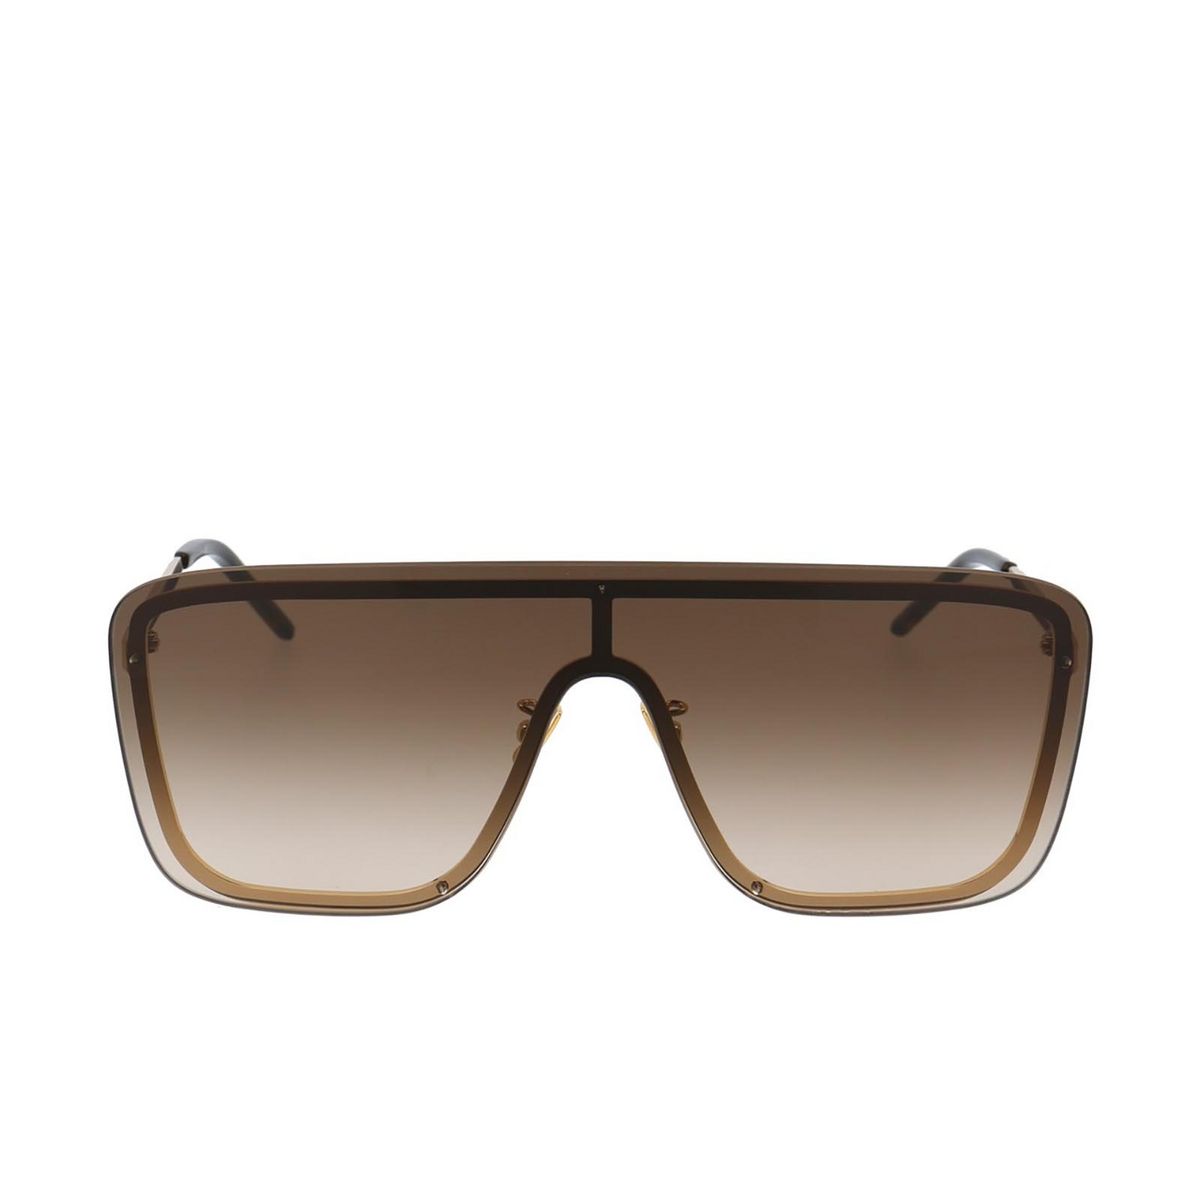 Saint Laurent® Mask Sunglasses: SL 364 MASK color Gold 006 - front view.